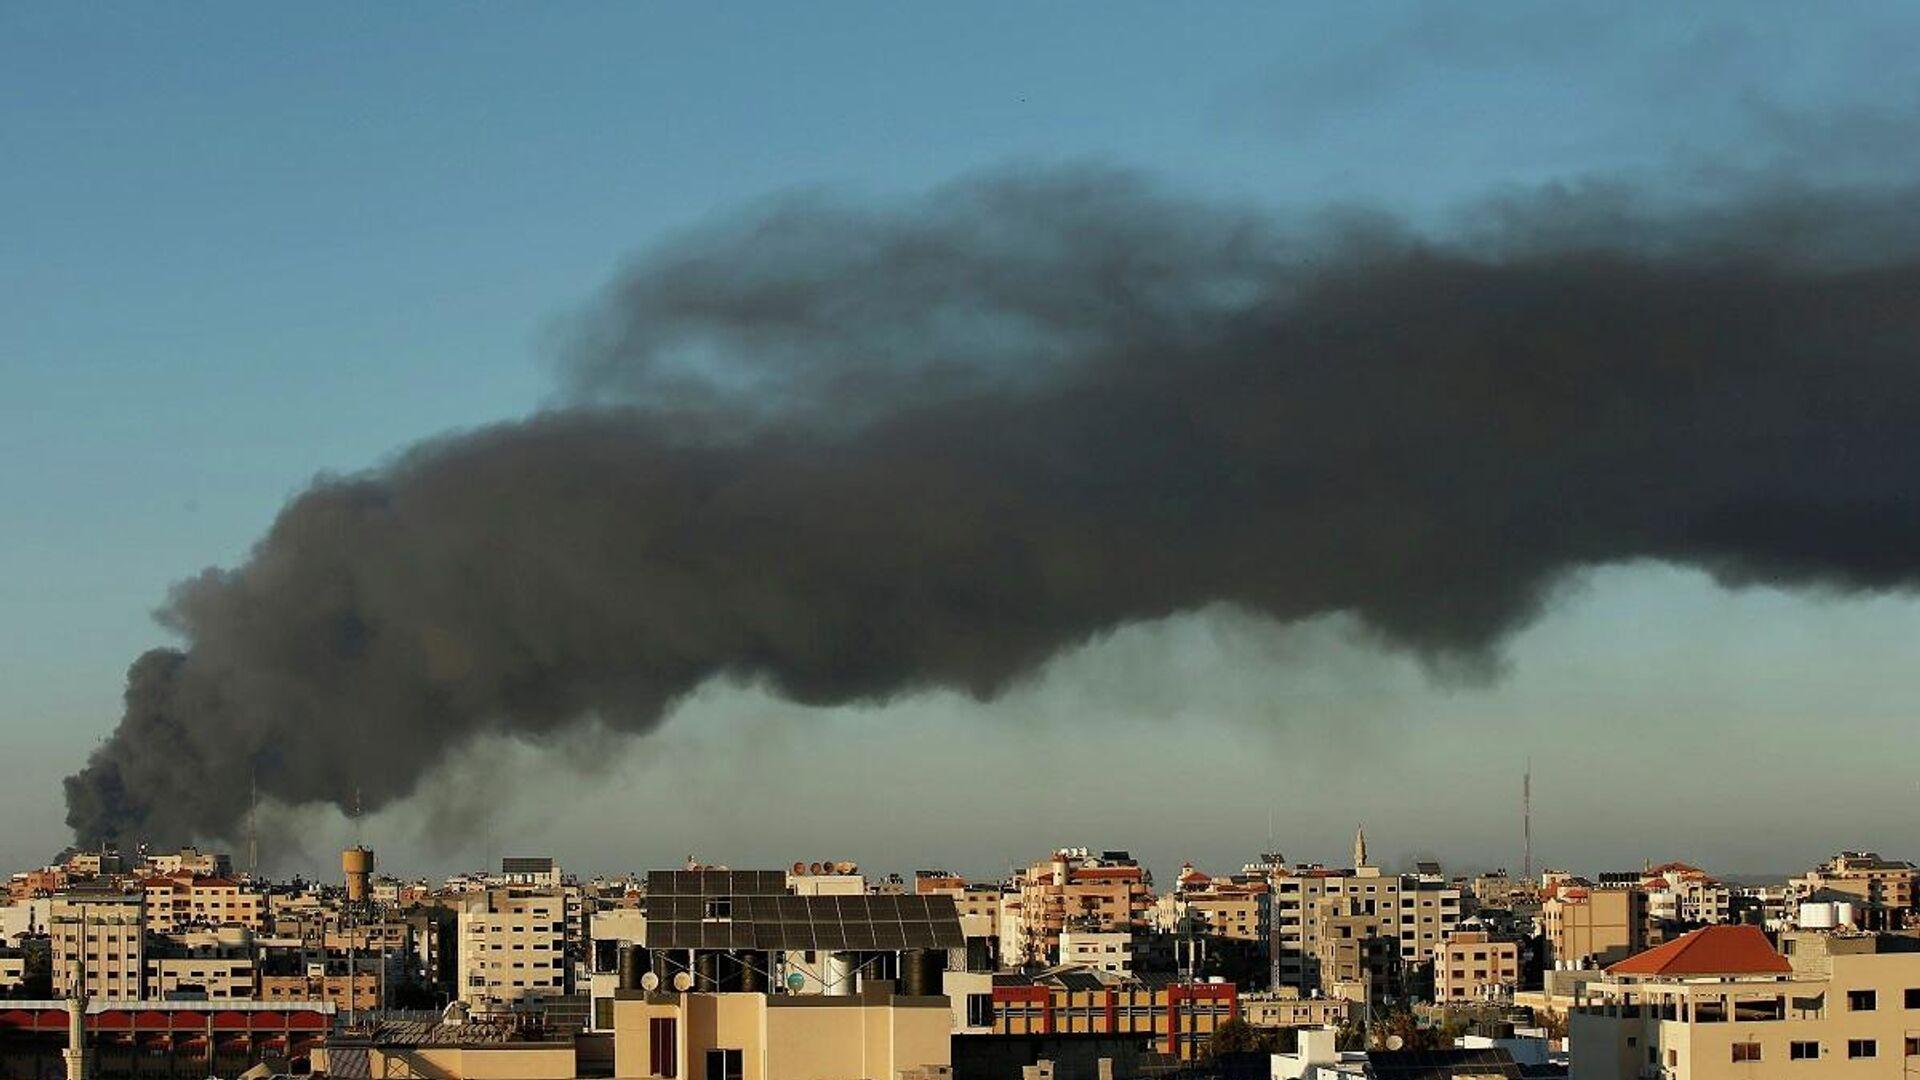 El humo se eleva en medio de un estallido de violencia israelí-palestina, en Gaza, el 15 de mayo de 2021 - Sputnik Mundo, 1920, 15.05.2021